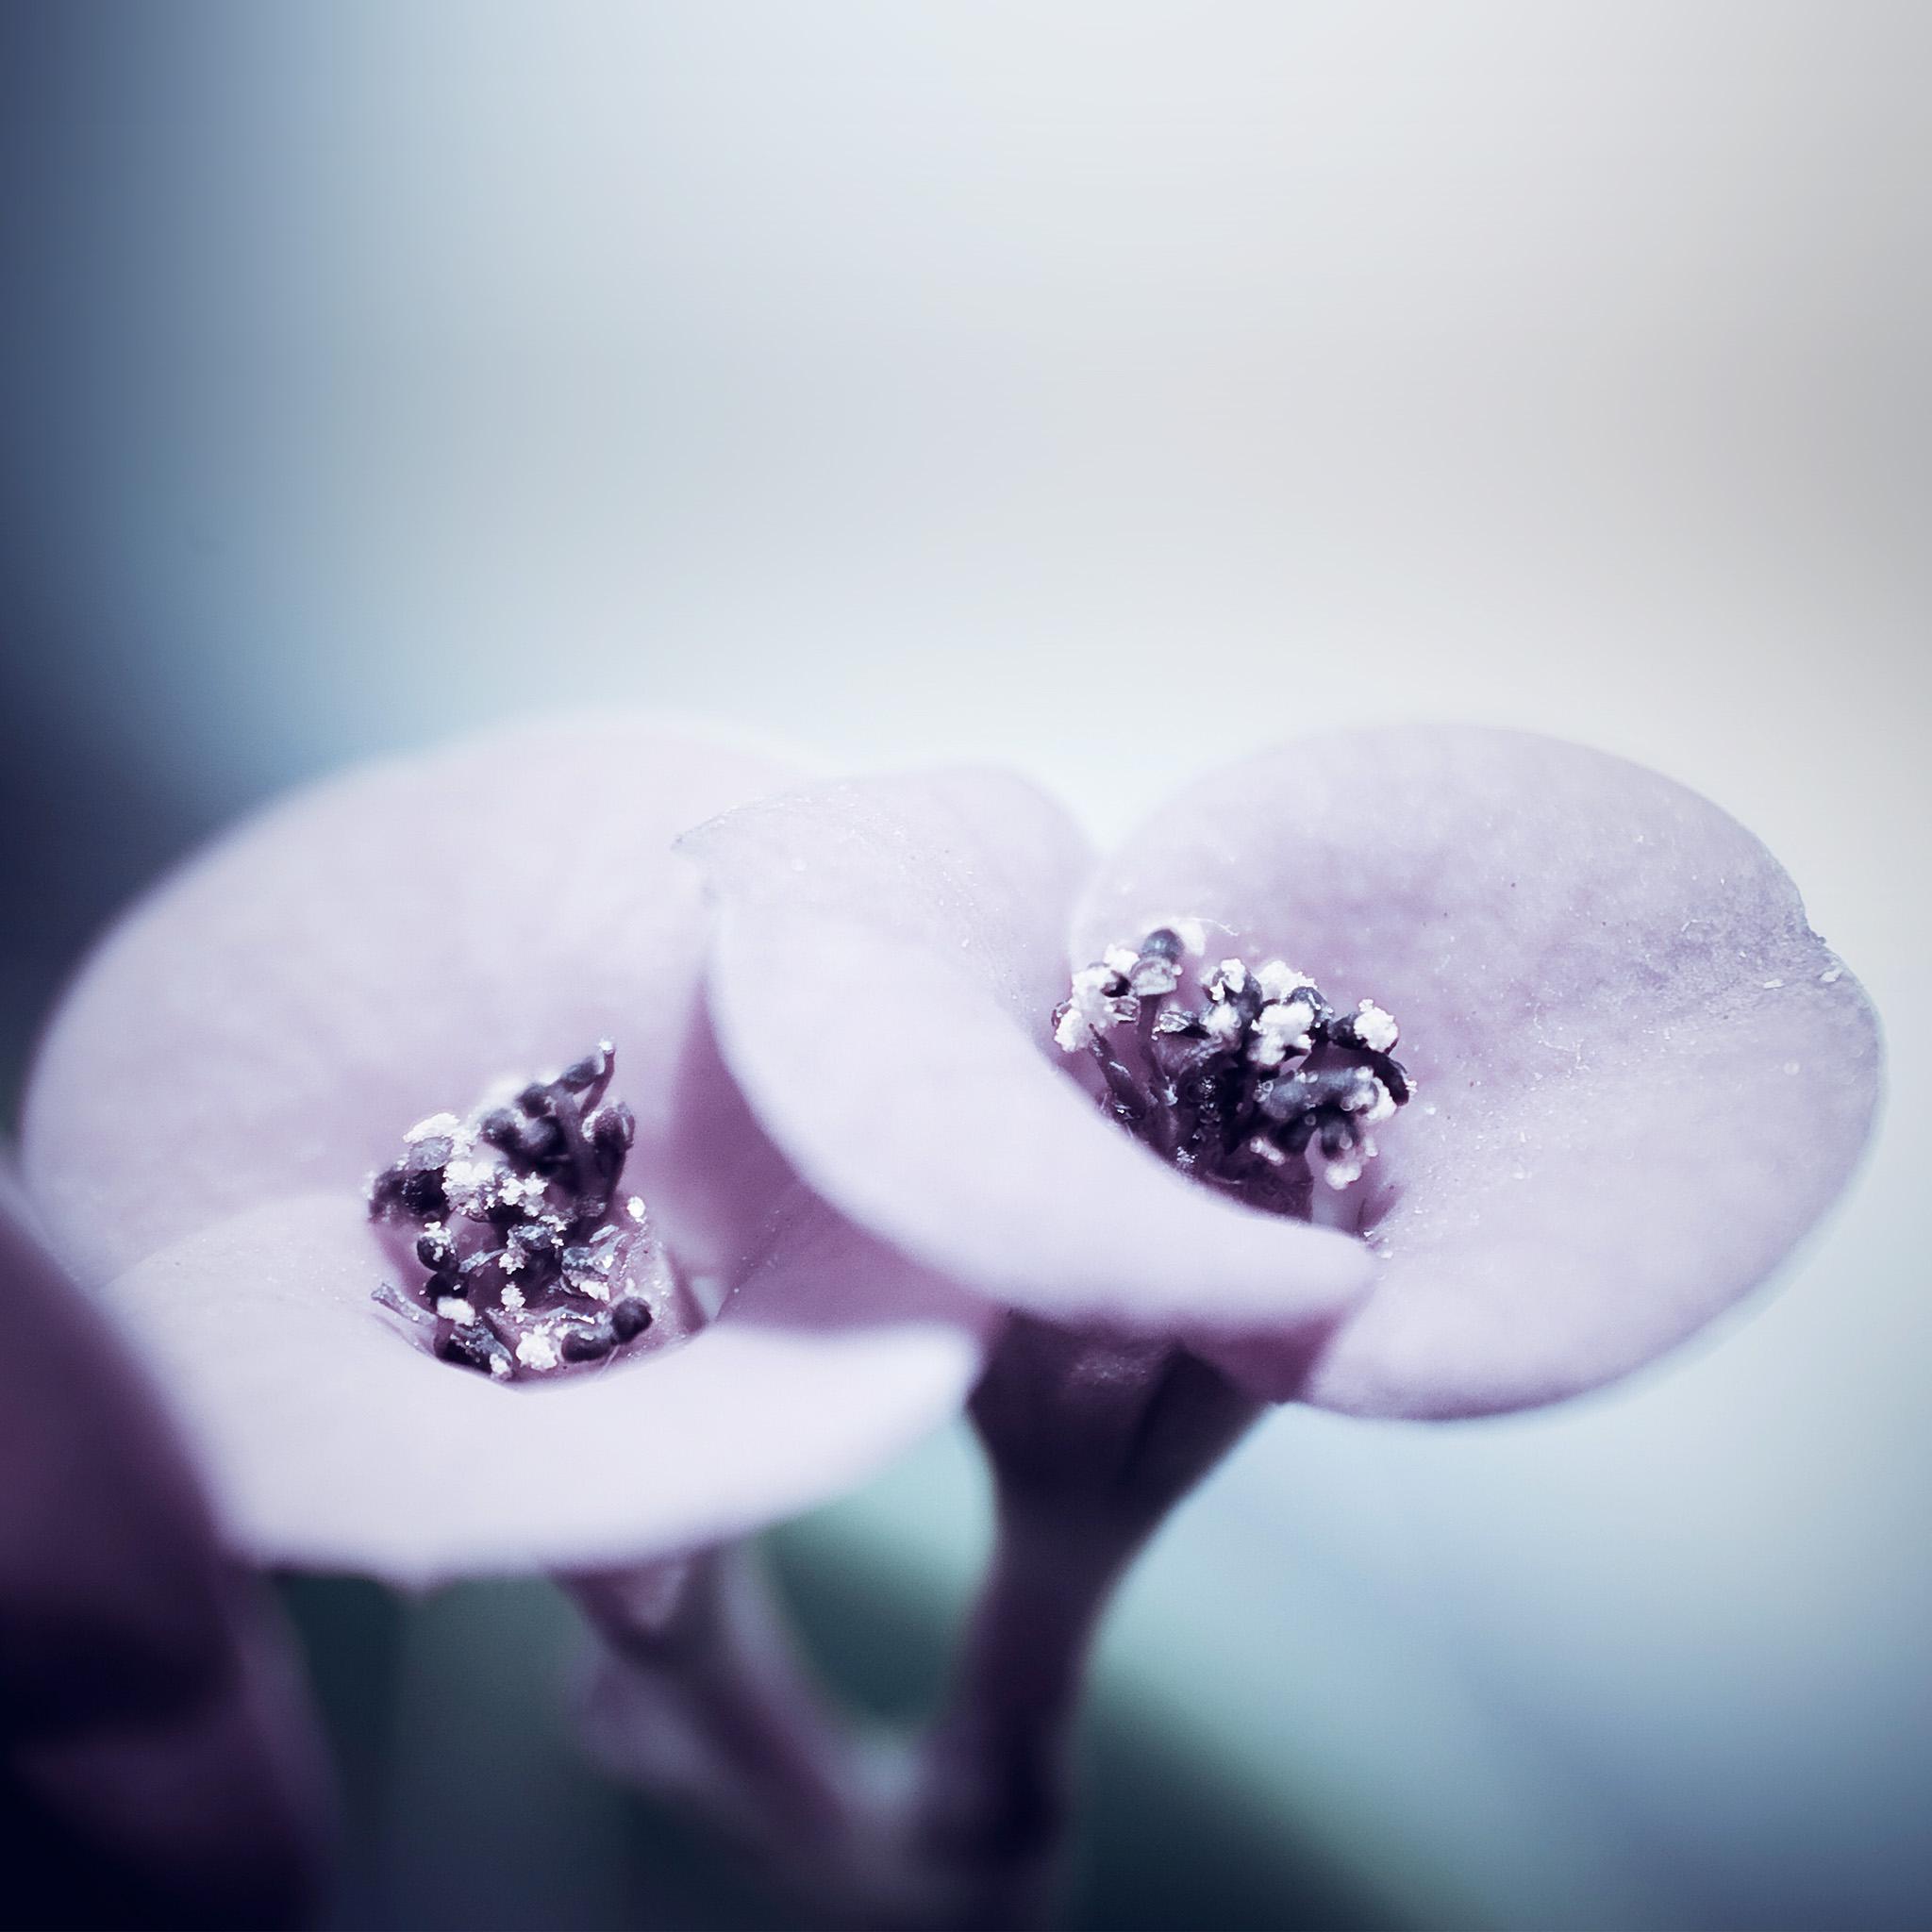 Mw87-flower-blue-purple